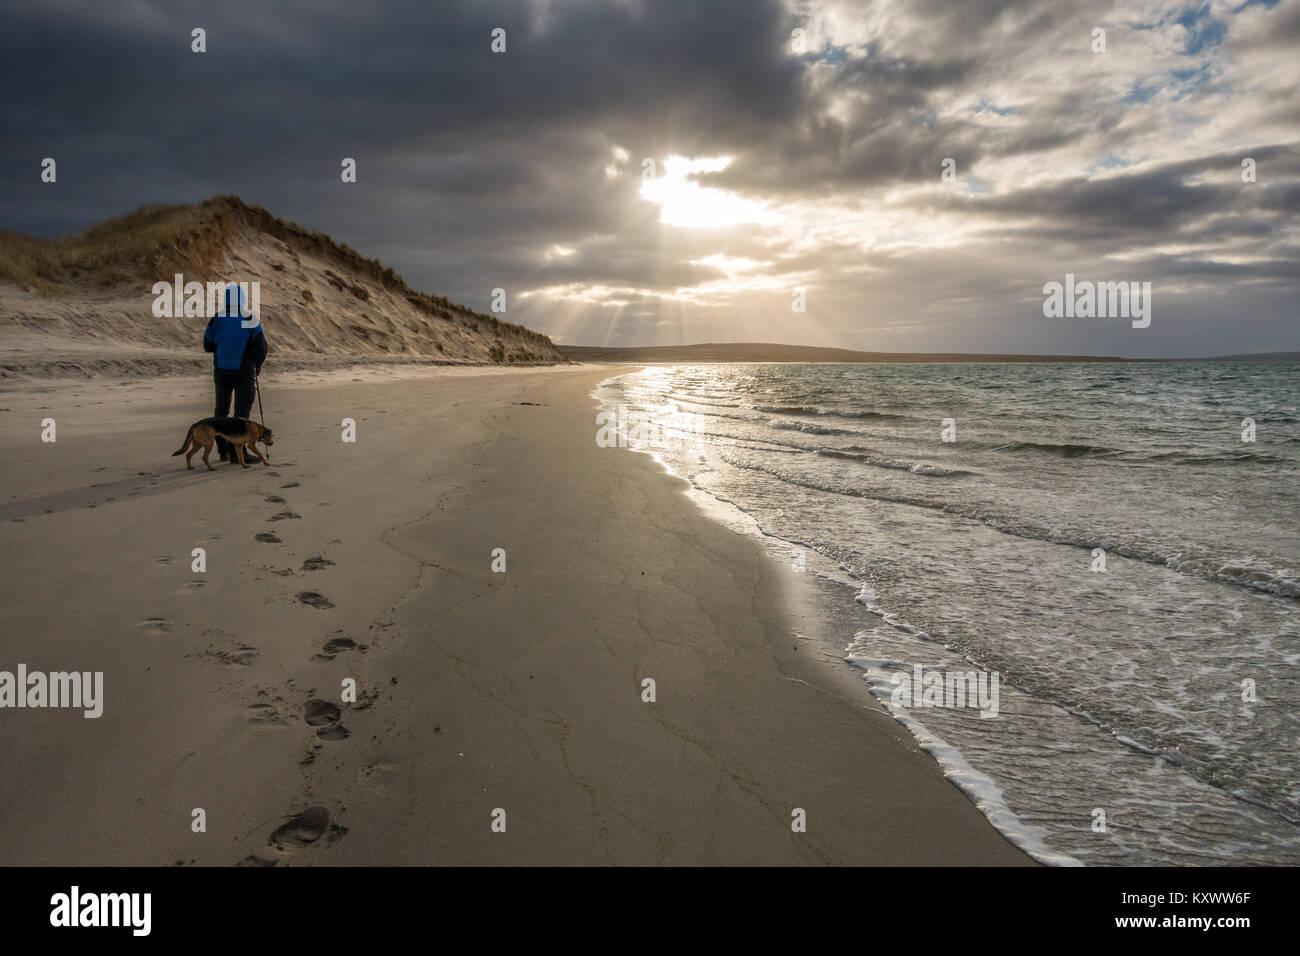 Iluminado por las dunas de arena en la playa en Loch Gruinart Killinallan dramáticos de invierno bajo la luz solar con walker persona y perro, la Isla de Islay, Escocia Foto de stock